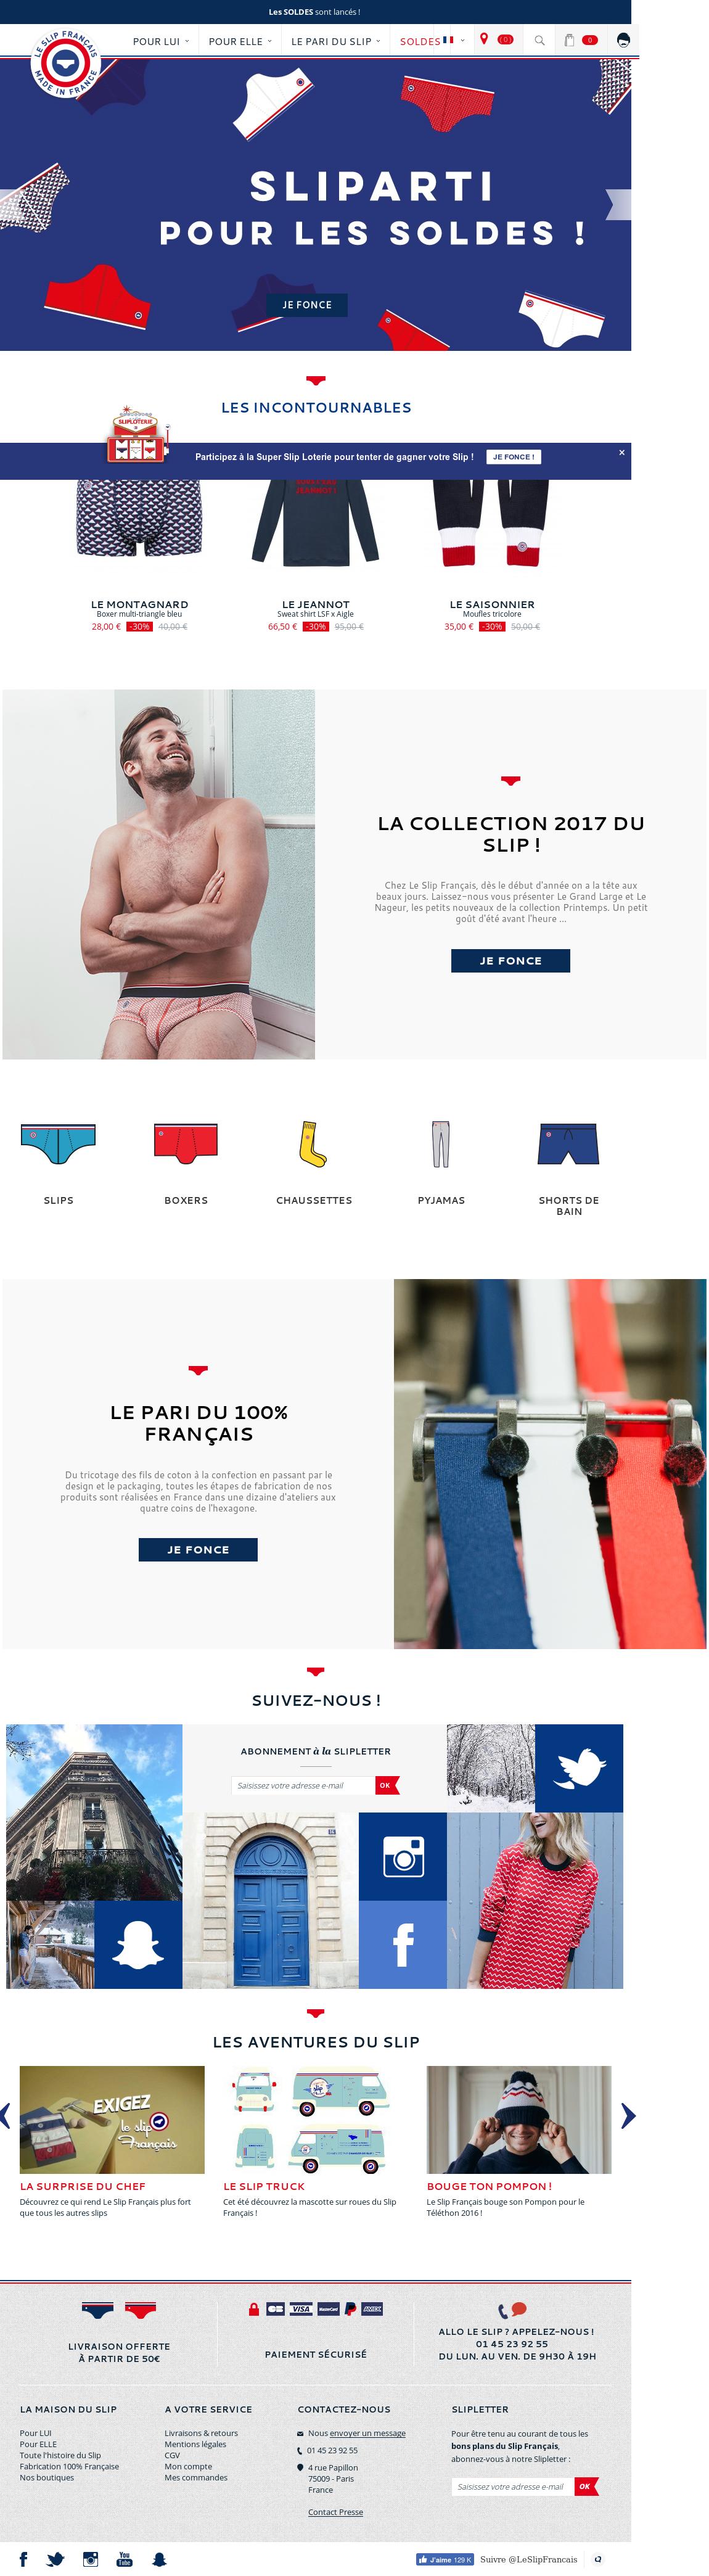 bd62e675816 Le Slip Francais Competitors